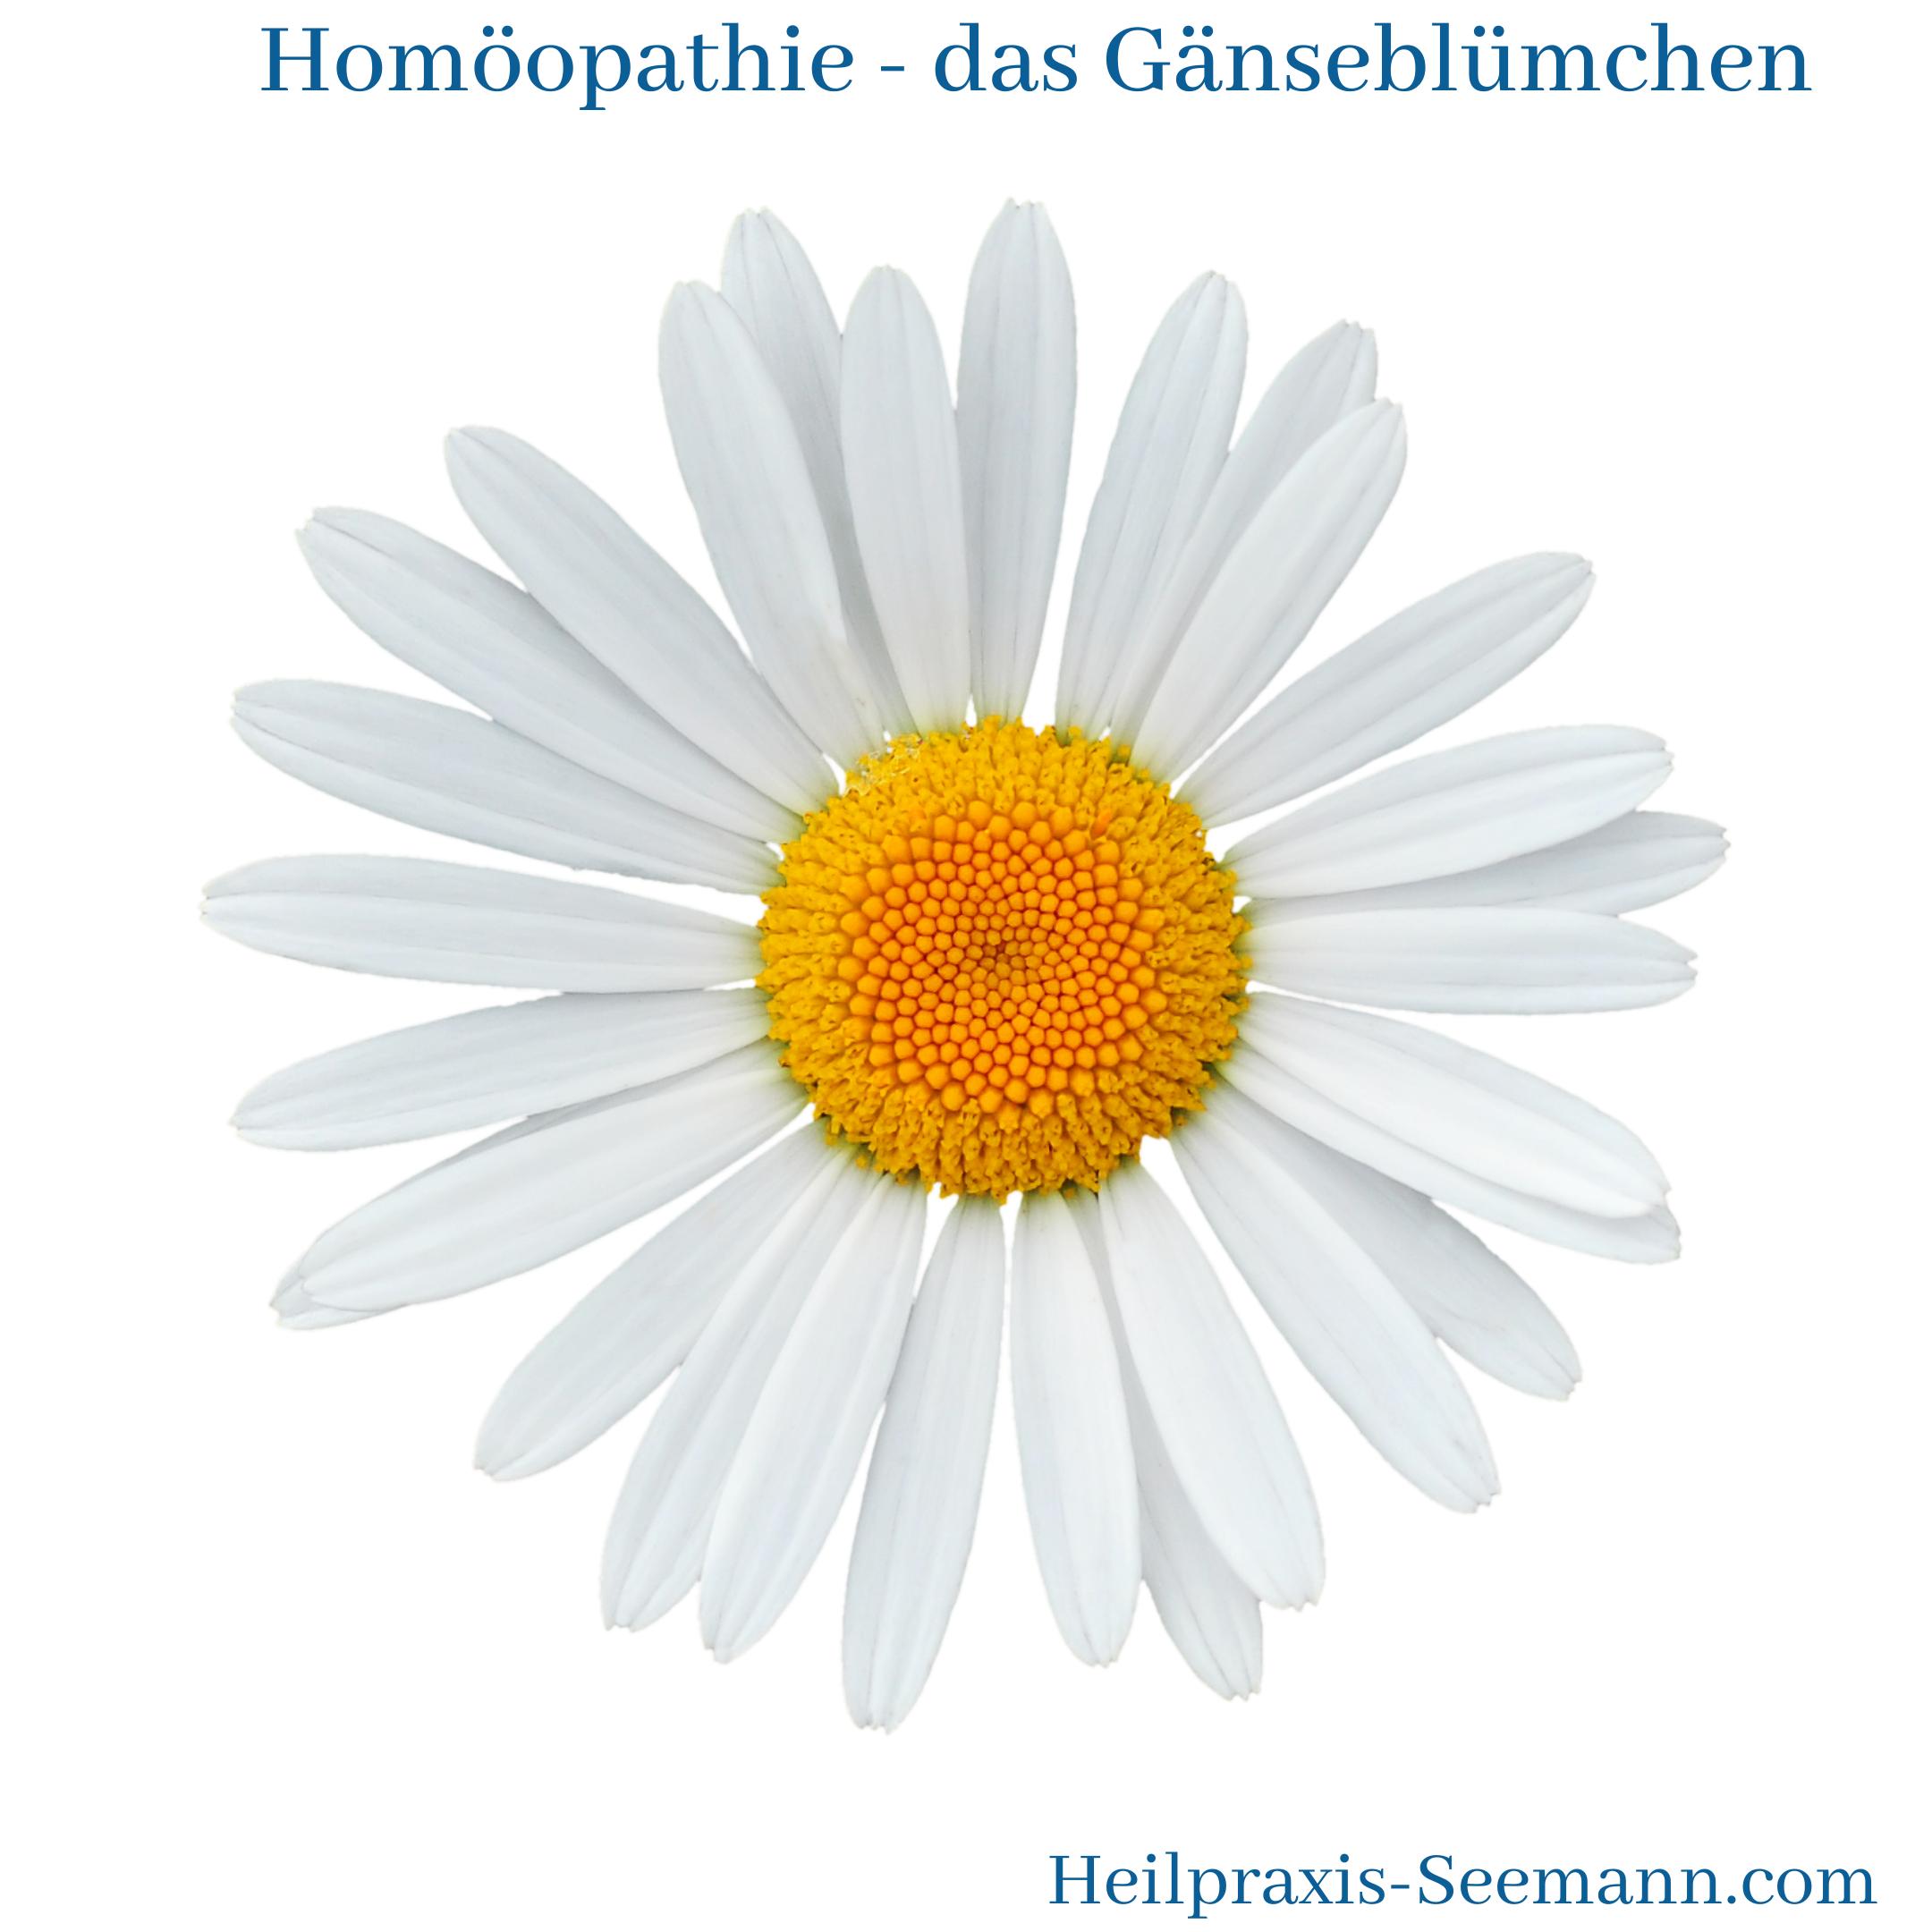 Homöopathie - Gänseblümchen